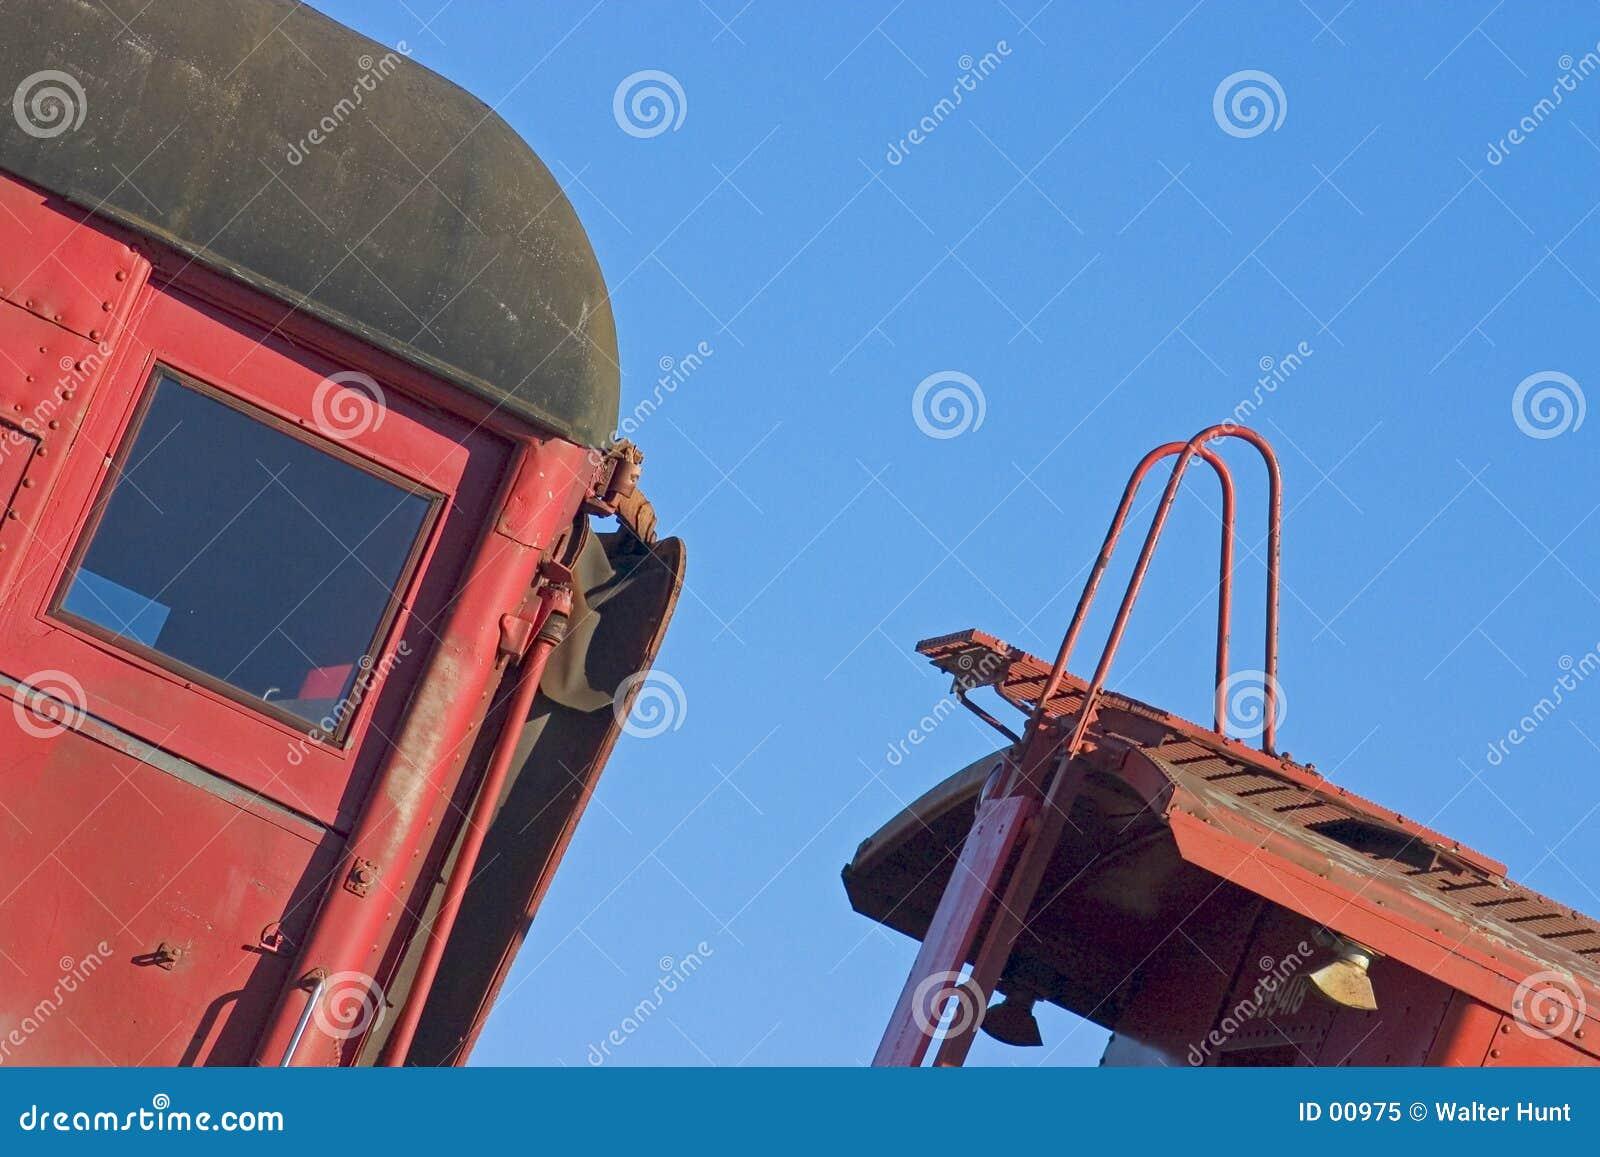 Train Detail 3